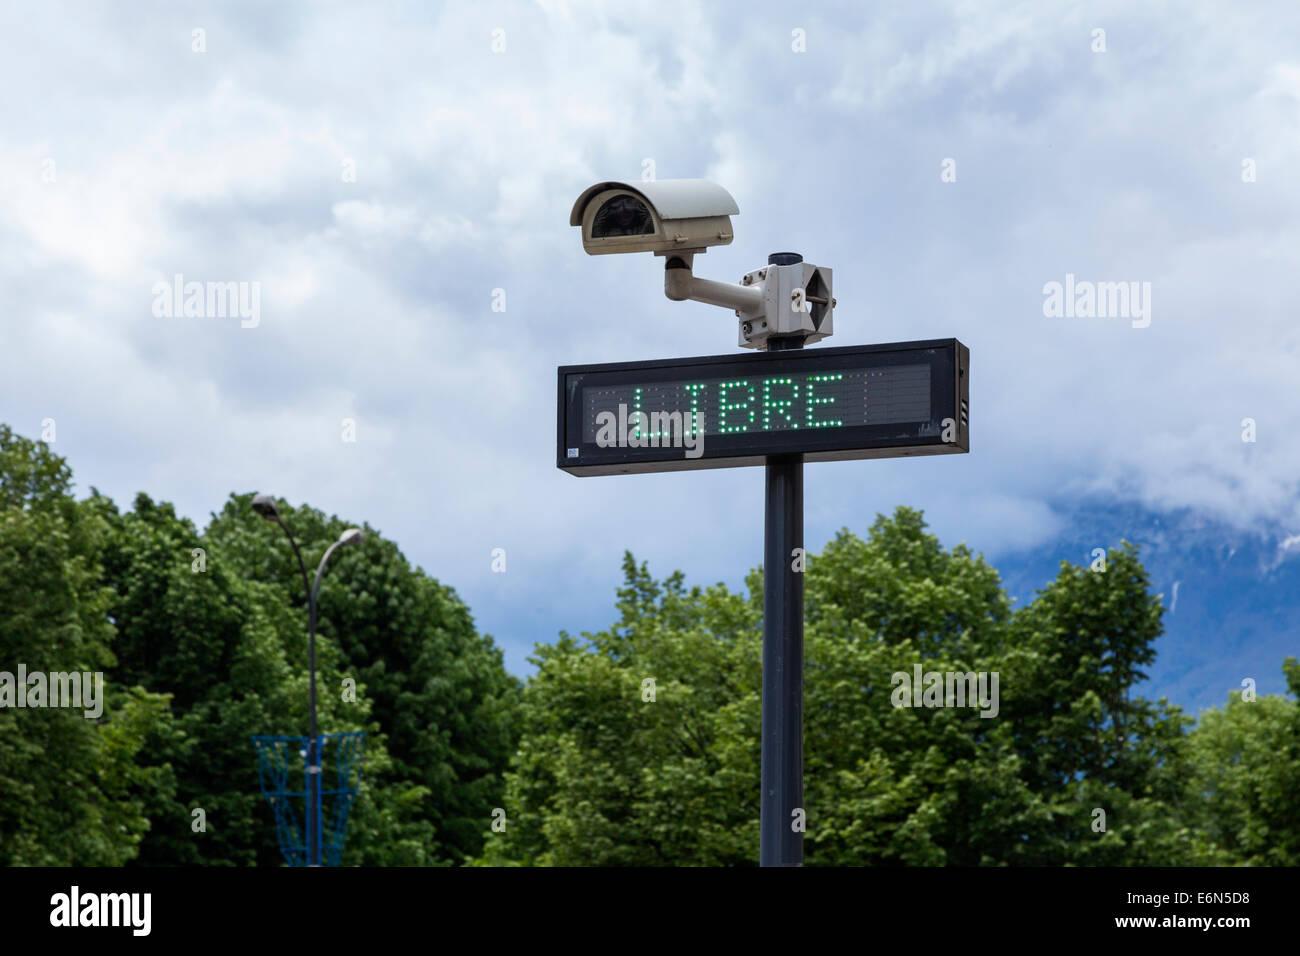 Caméra CCTV et libre - inscription gratuite au parc de voiture à Grenoble, Rhône-Alpes, France Photo Stock